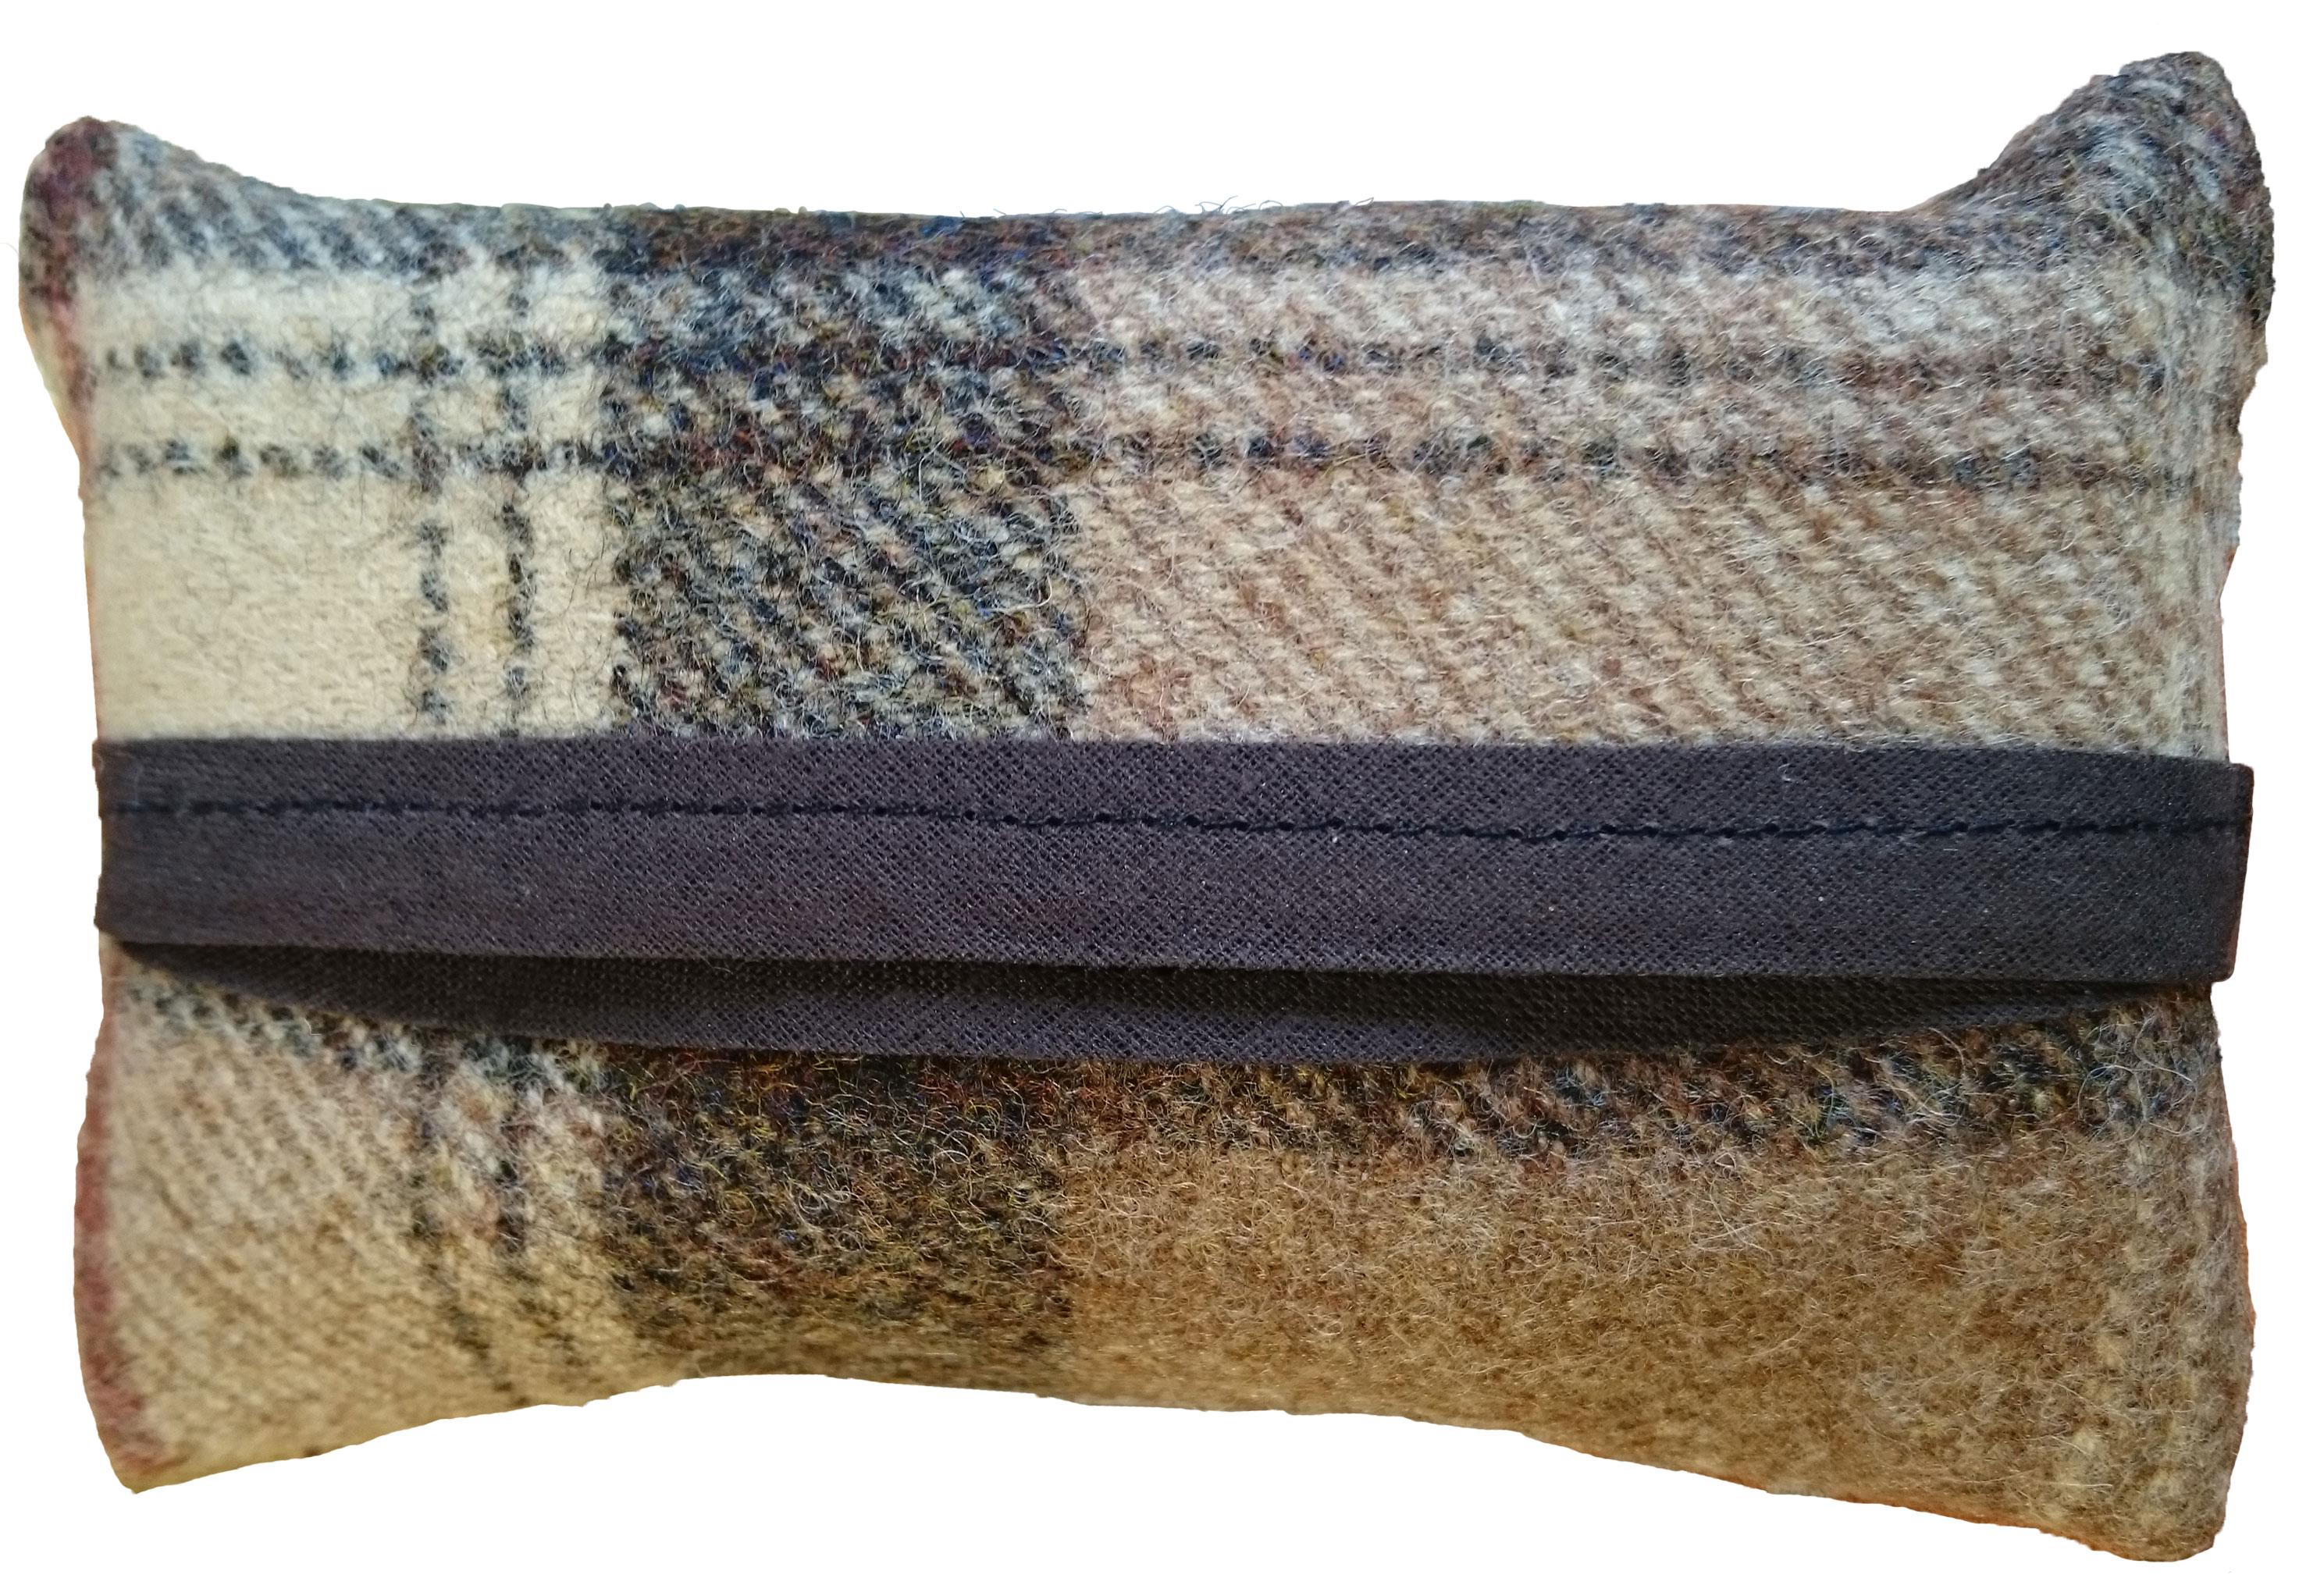 CODE HT21 Harris Tweed Tissue Holder